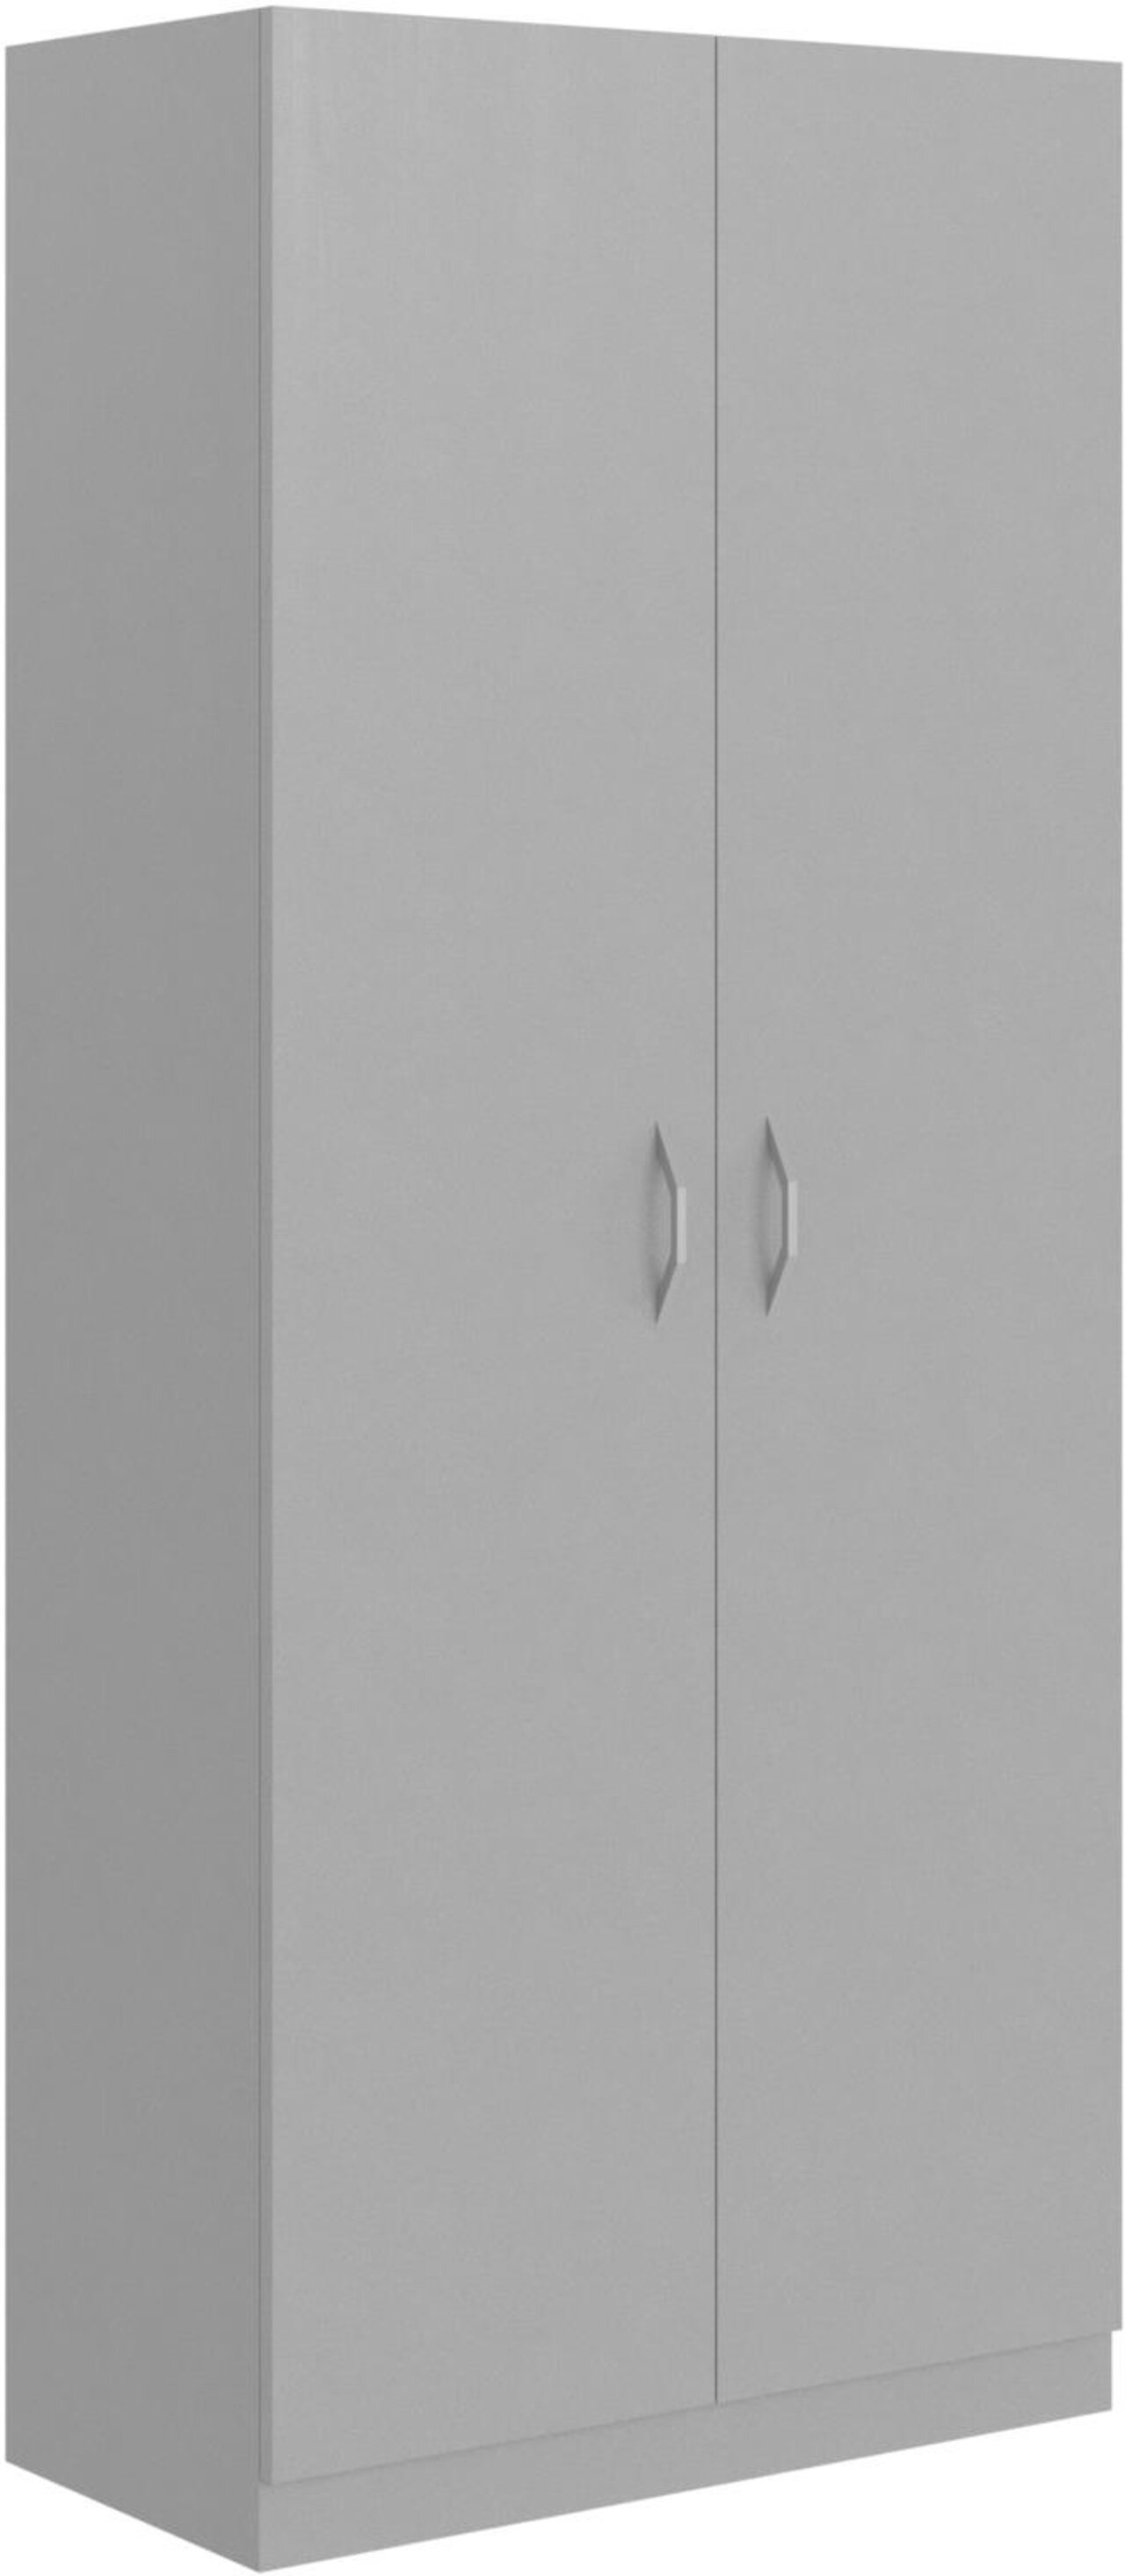 Шкаф широкий  Simple 77x38x182 - фото 5